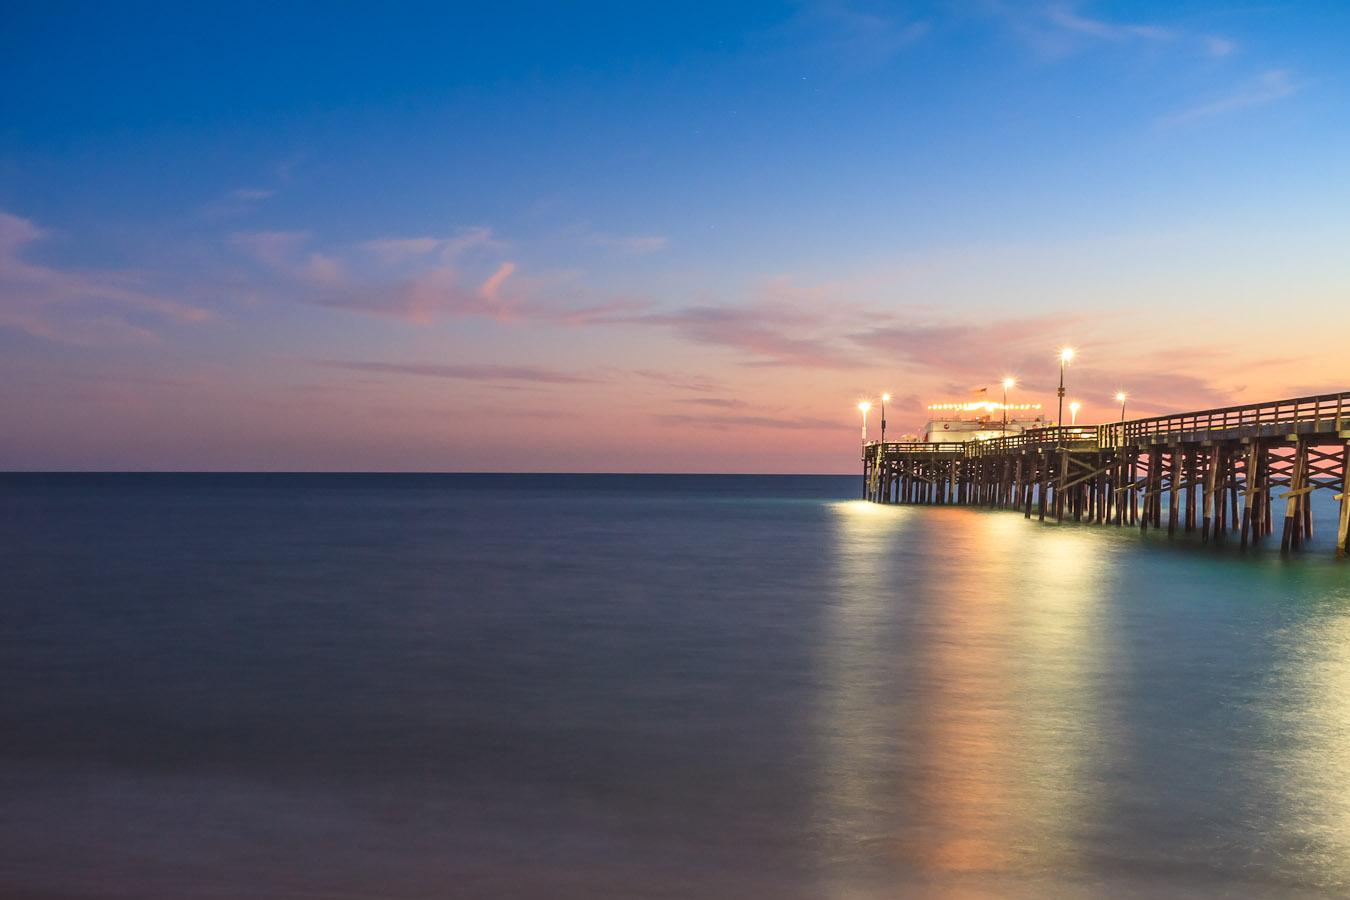 20121014_DDESAI_NewportBeachWorldWidePhotoWalk_117